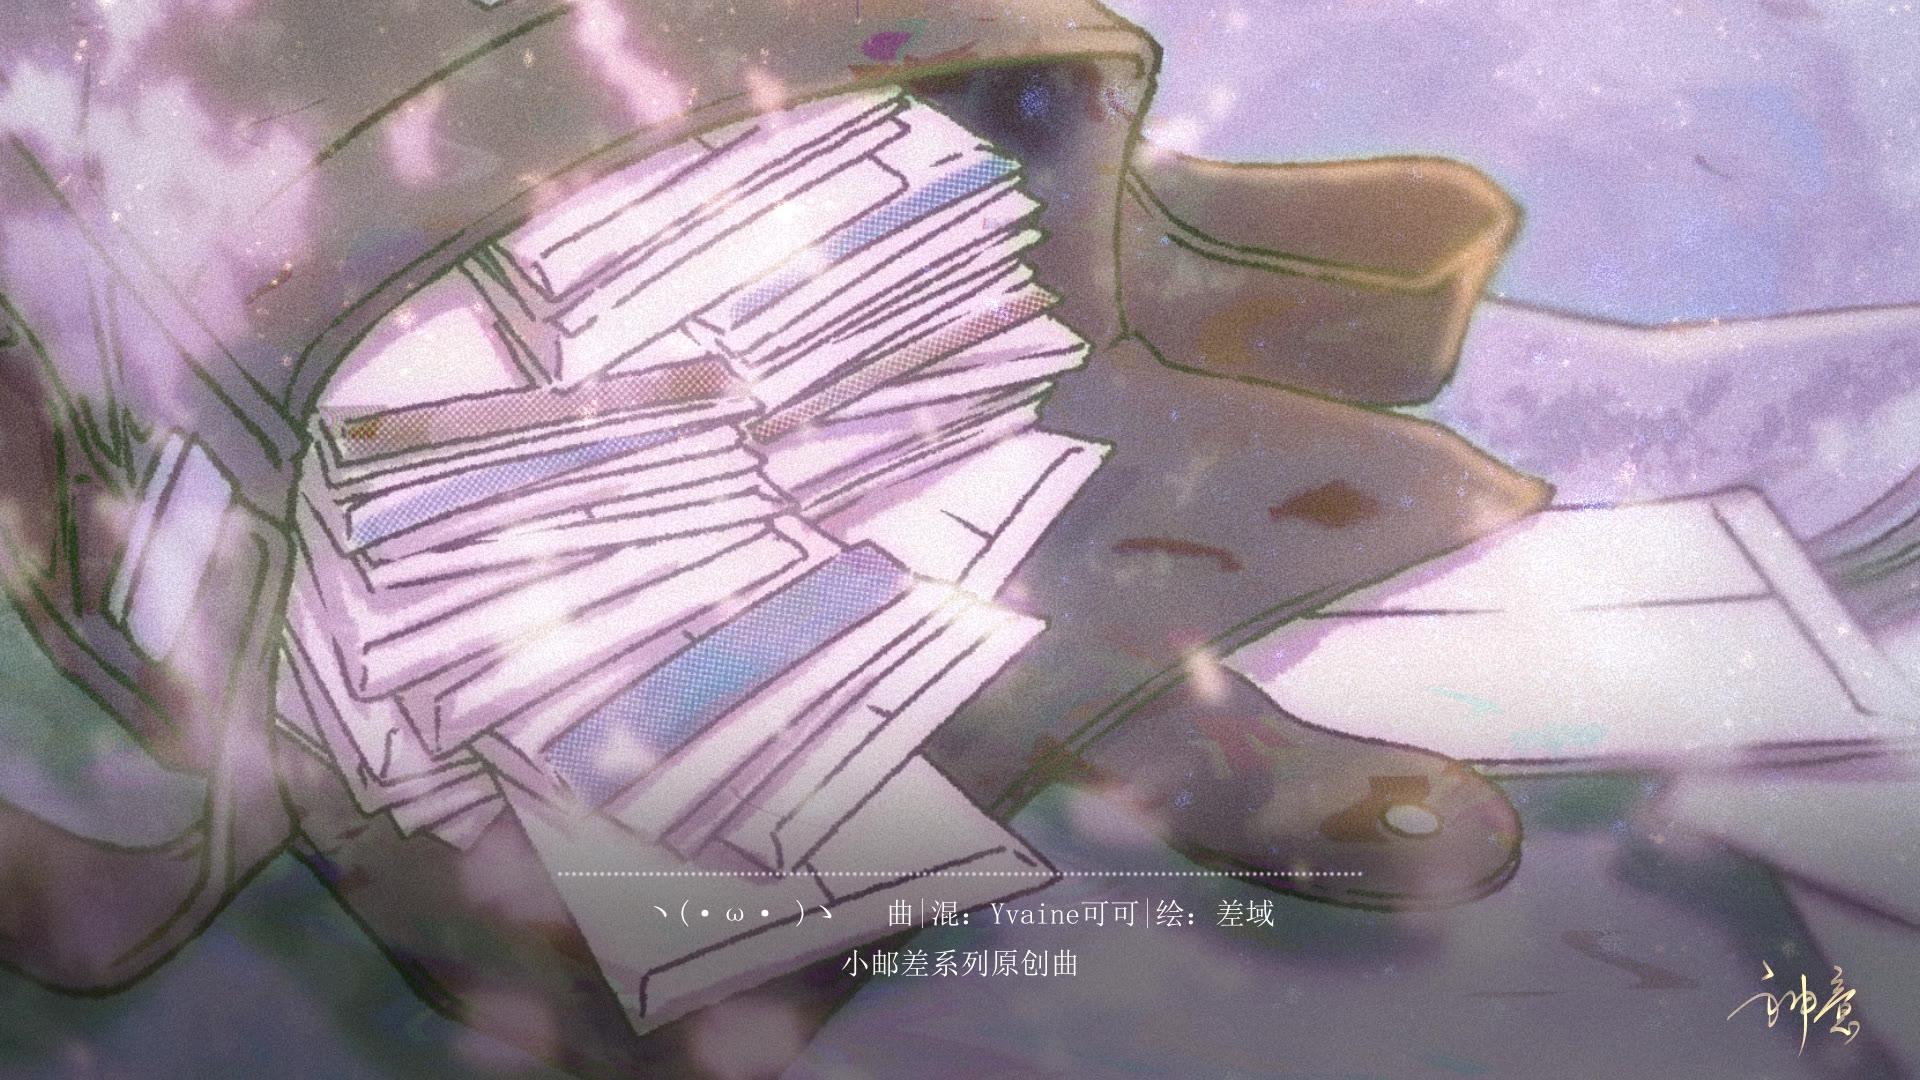 【小邮差系列原创曲】ヽ(•̀ω•́ )ゝ【神意工作室】